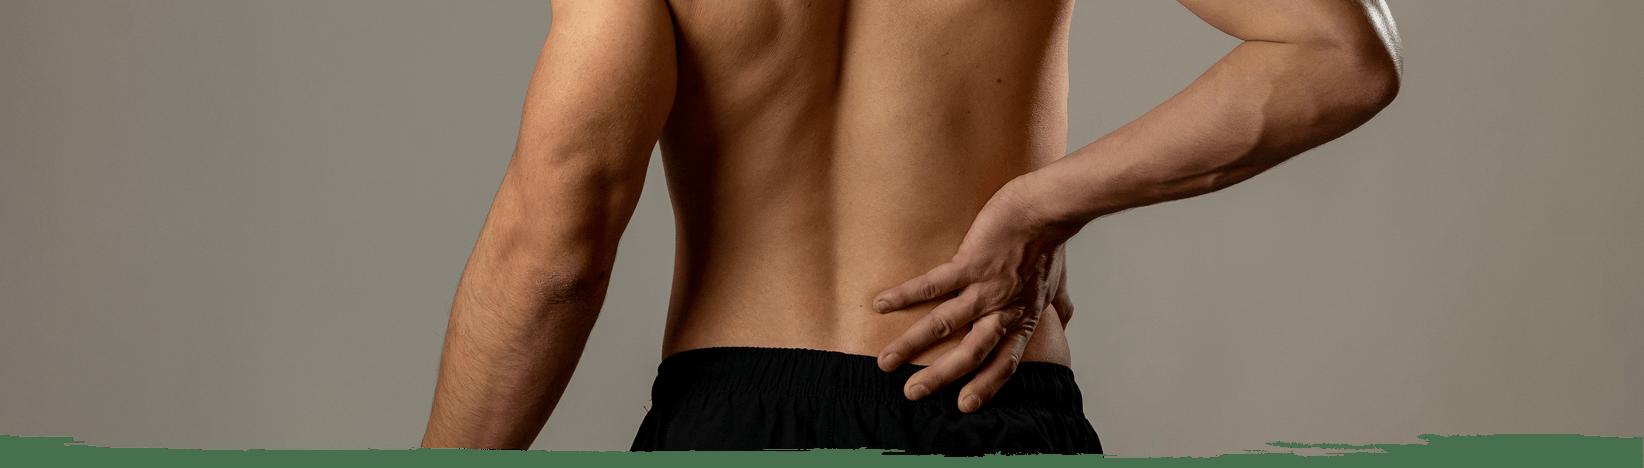 spongio arthrite